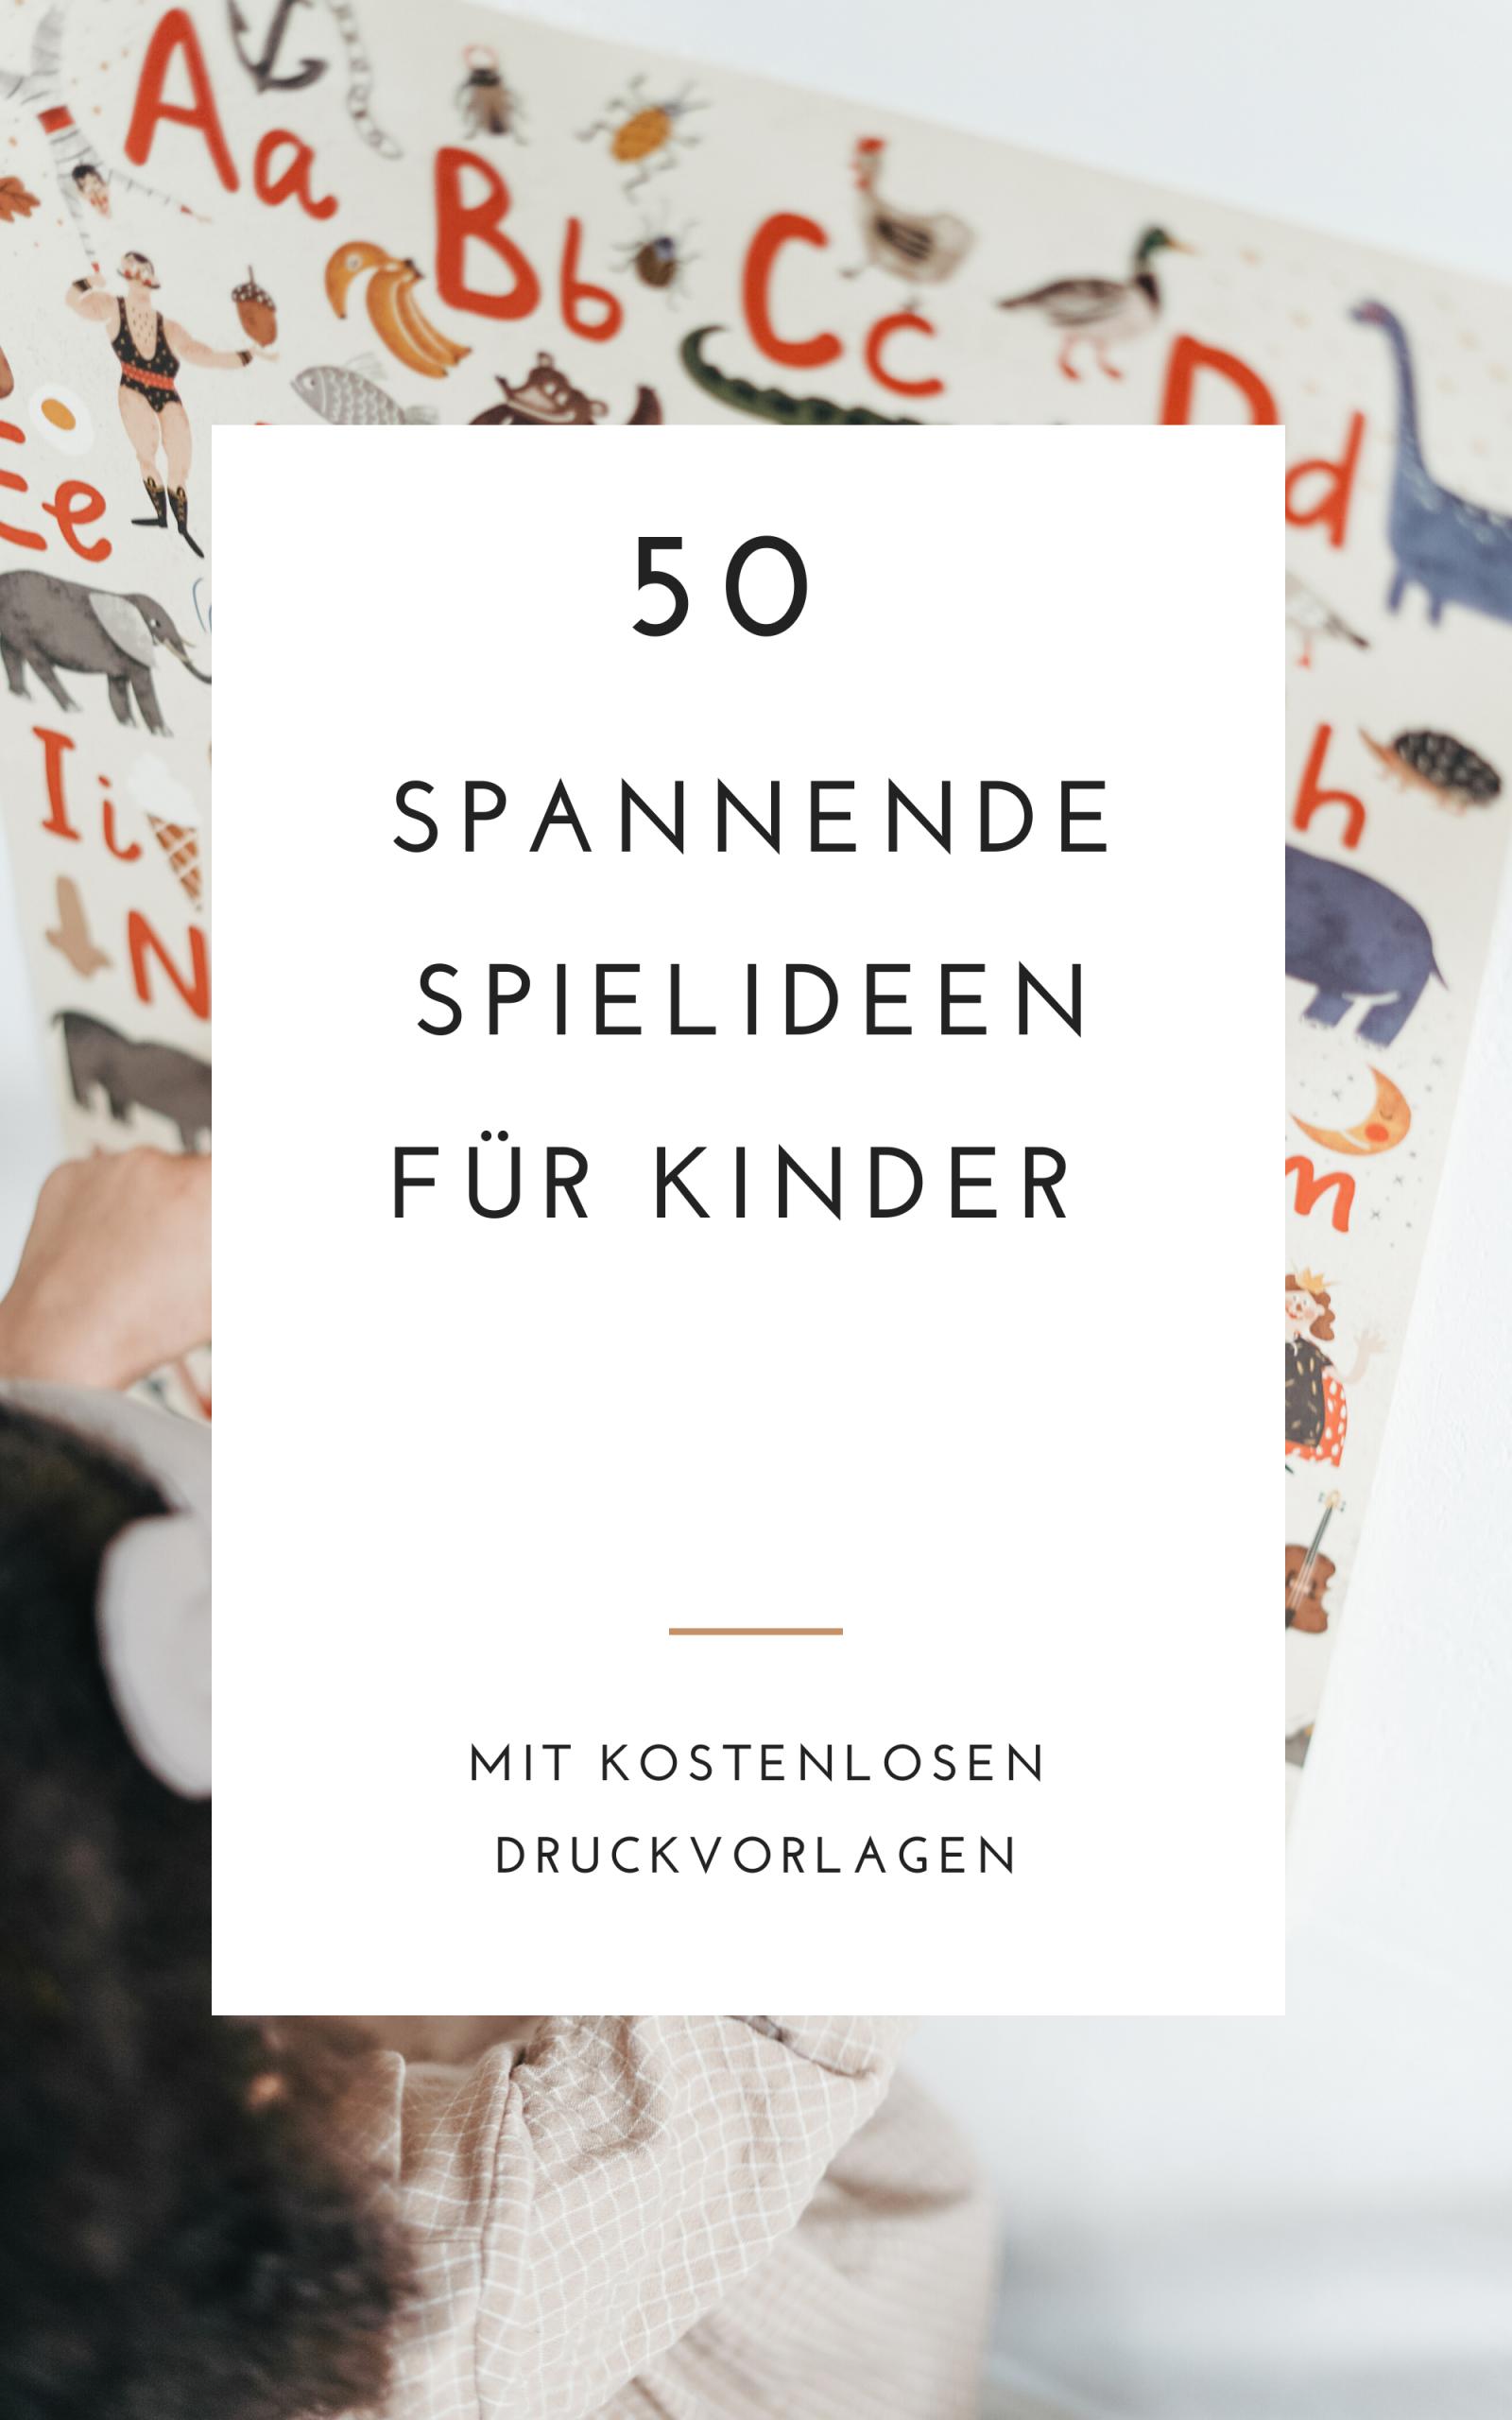 50 Spielideen Ohne Material: Vorbereitungszeit Unter 5 Minuten verwandt mit Zungenbrecher Für Grundschulkinder